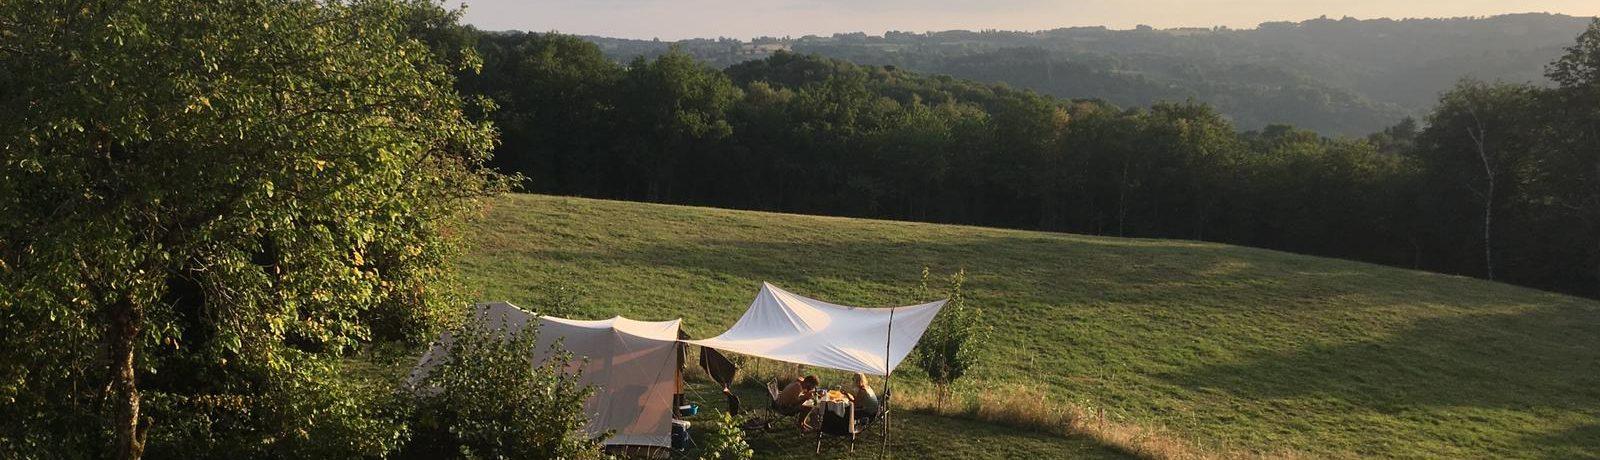 Rust, natuur en eenvoud, dat vind je op de kleine camping Vivre à Marçeau. De camping is prachtig gelegen in een heuvelachtige en bosrijke omgeving van de veelzijdige Lot.